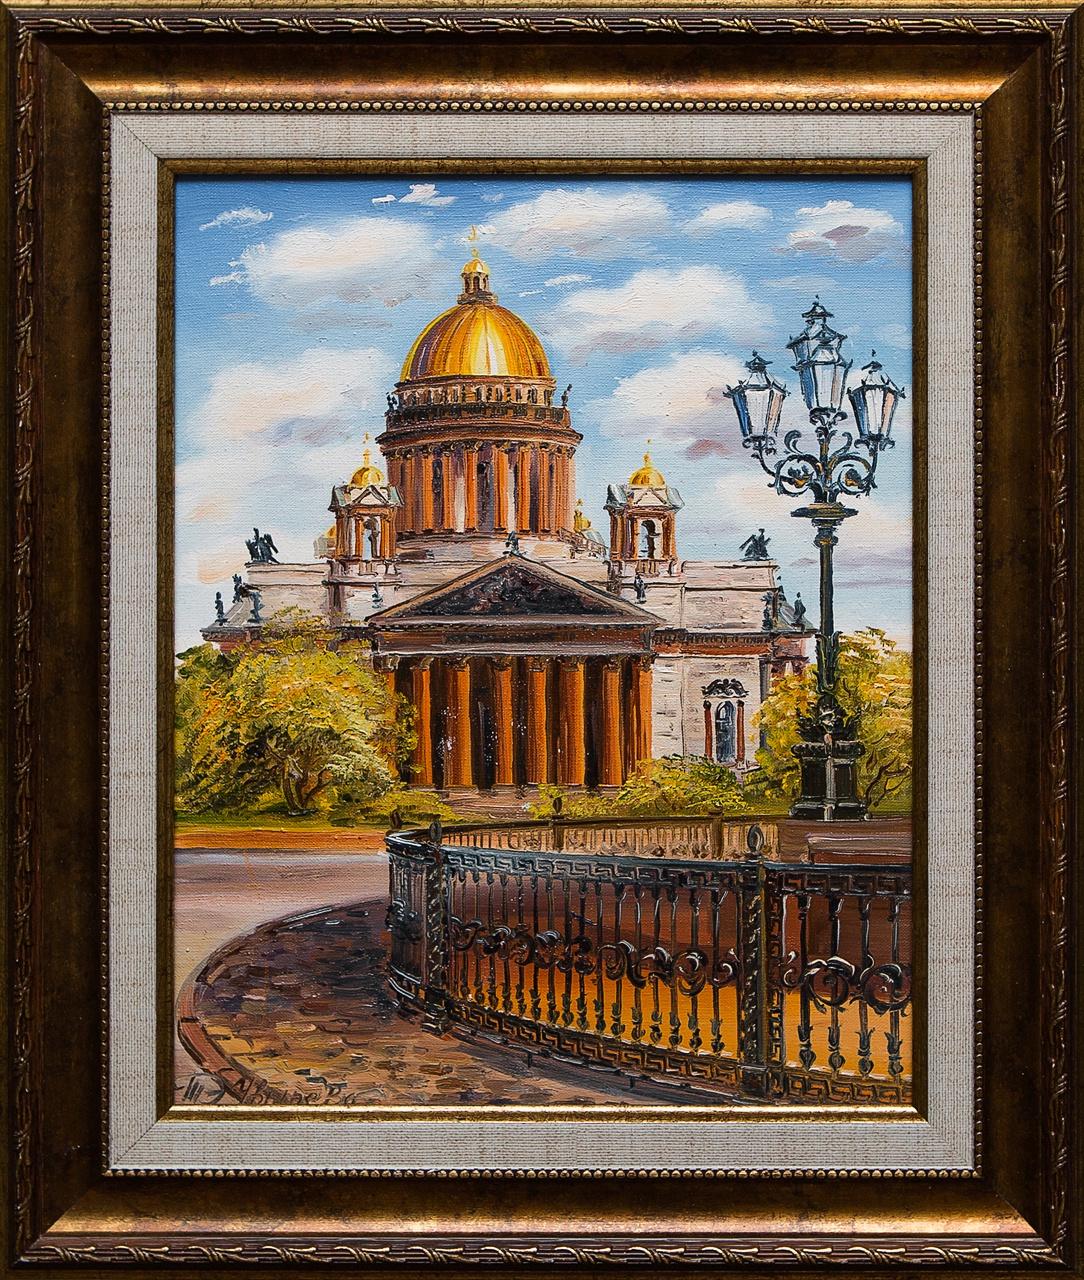 Картина маслом Исаакиевский собор Чвырева картина маслом исаакиевский собор с крыши сухоплюев